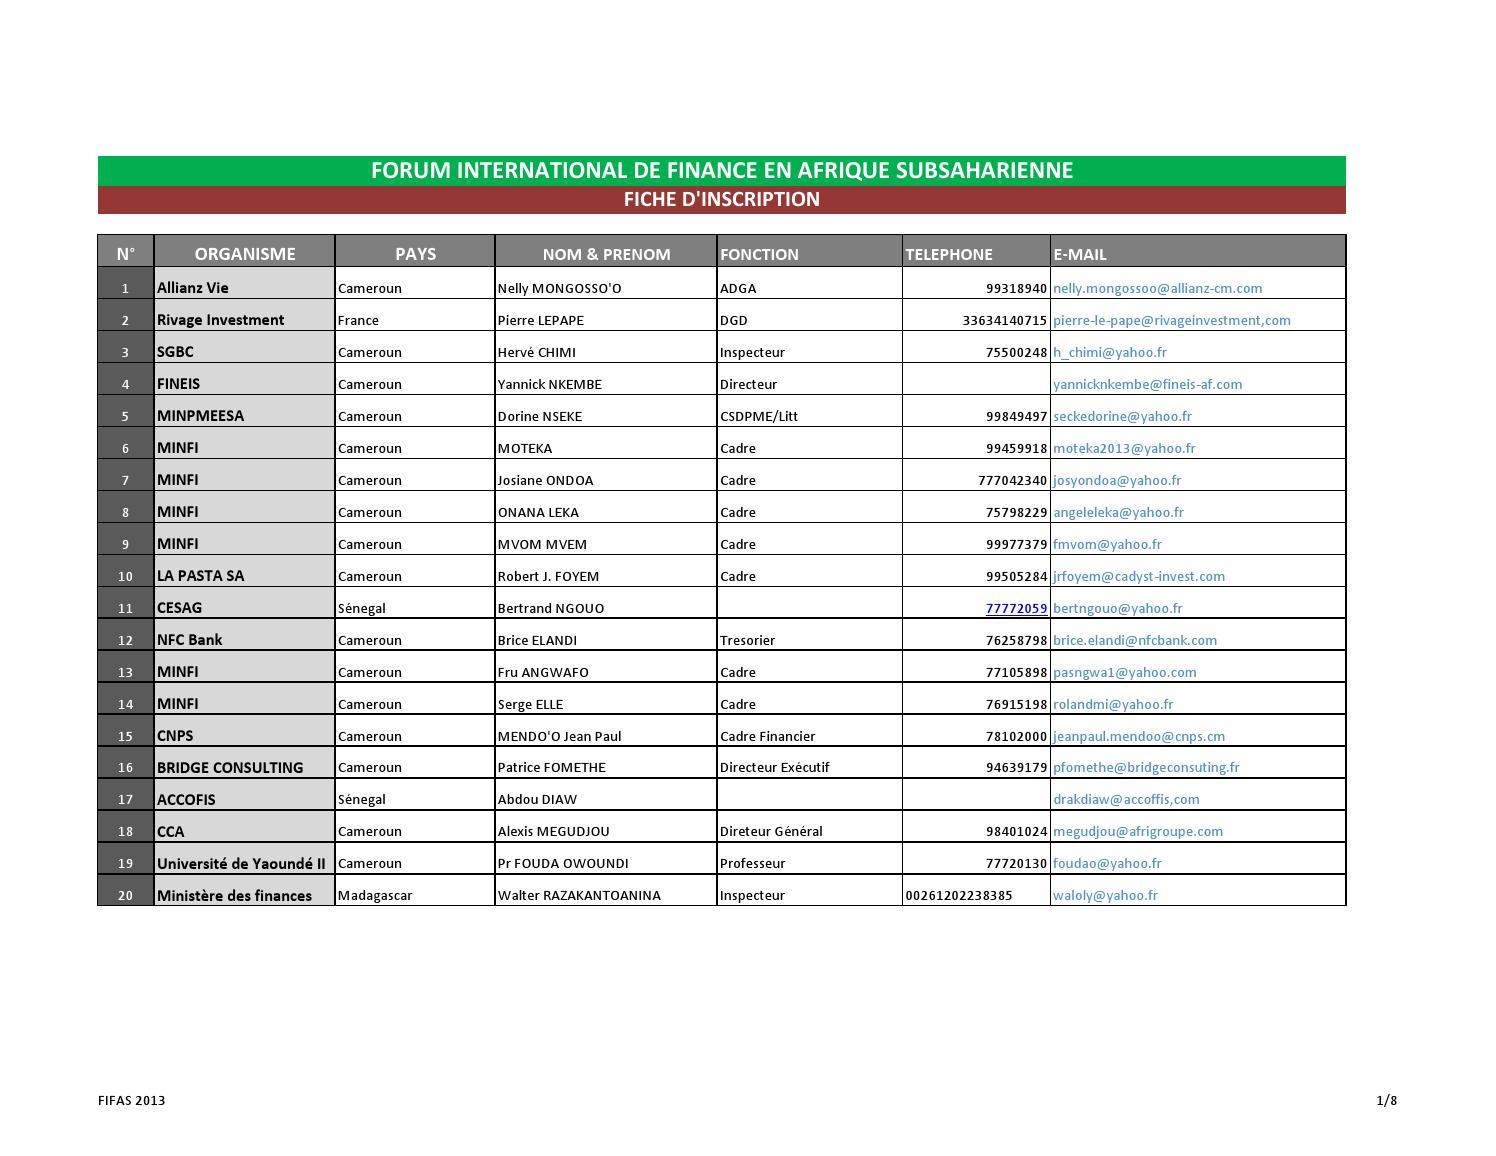 liste des souscripteurs fifas 2013 by ivan m233lach233o issuu